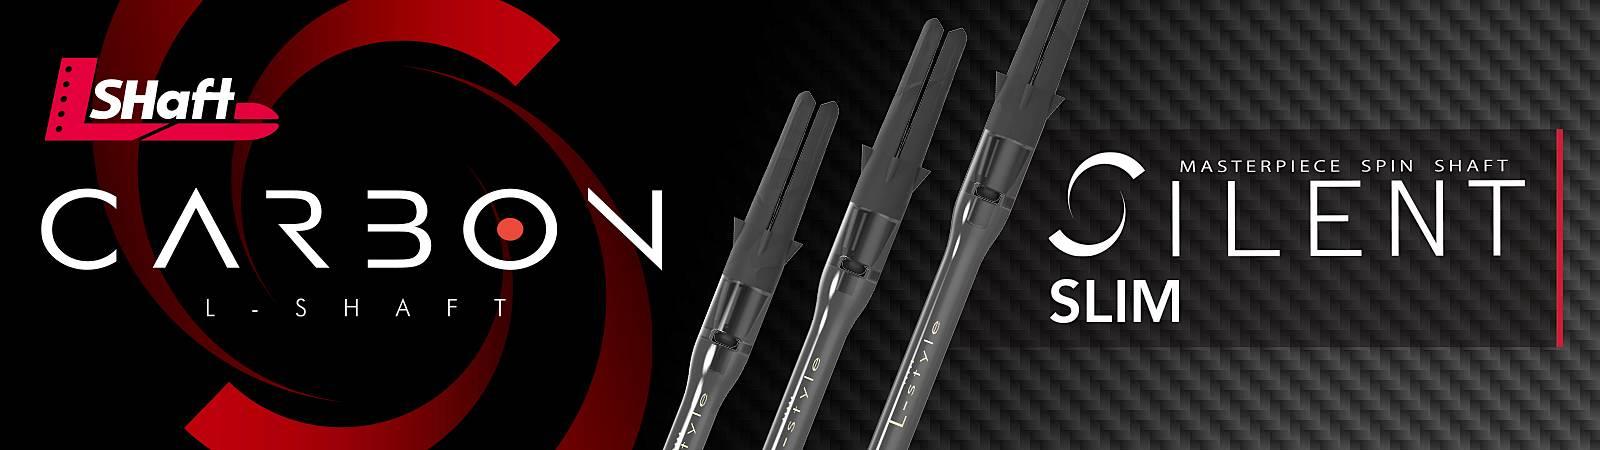 L-Style L-Shaft Carbon Silent Slim Spinner Shafts